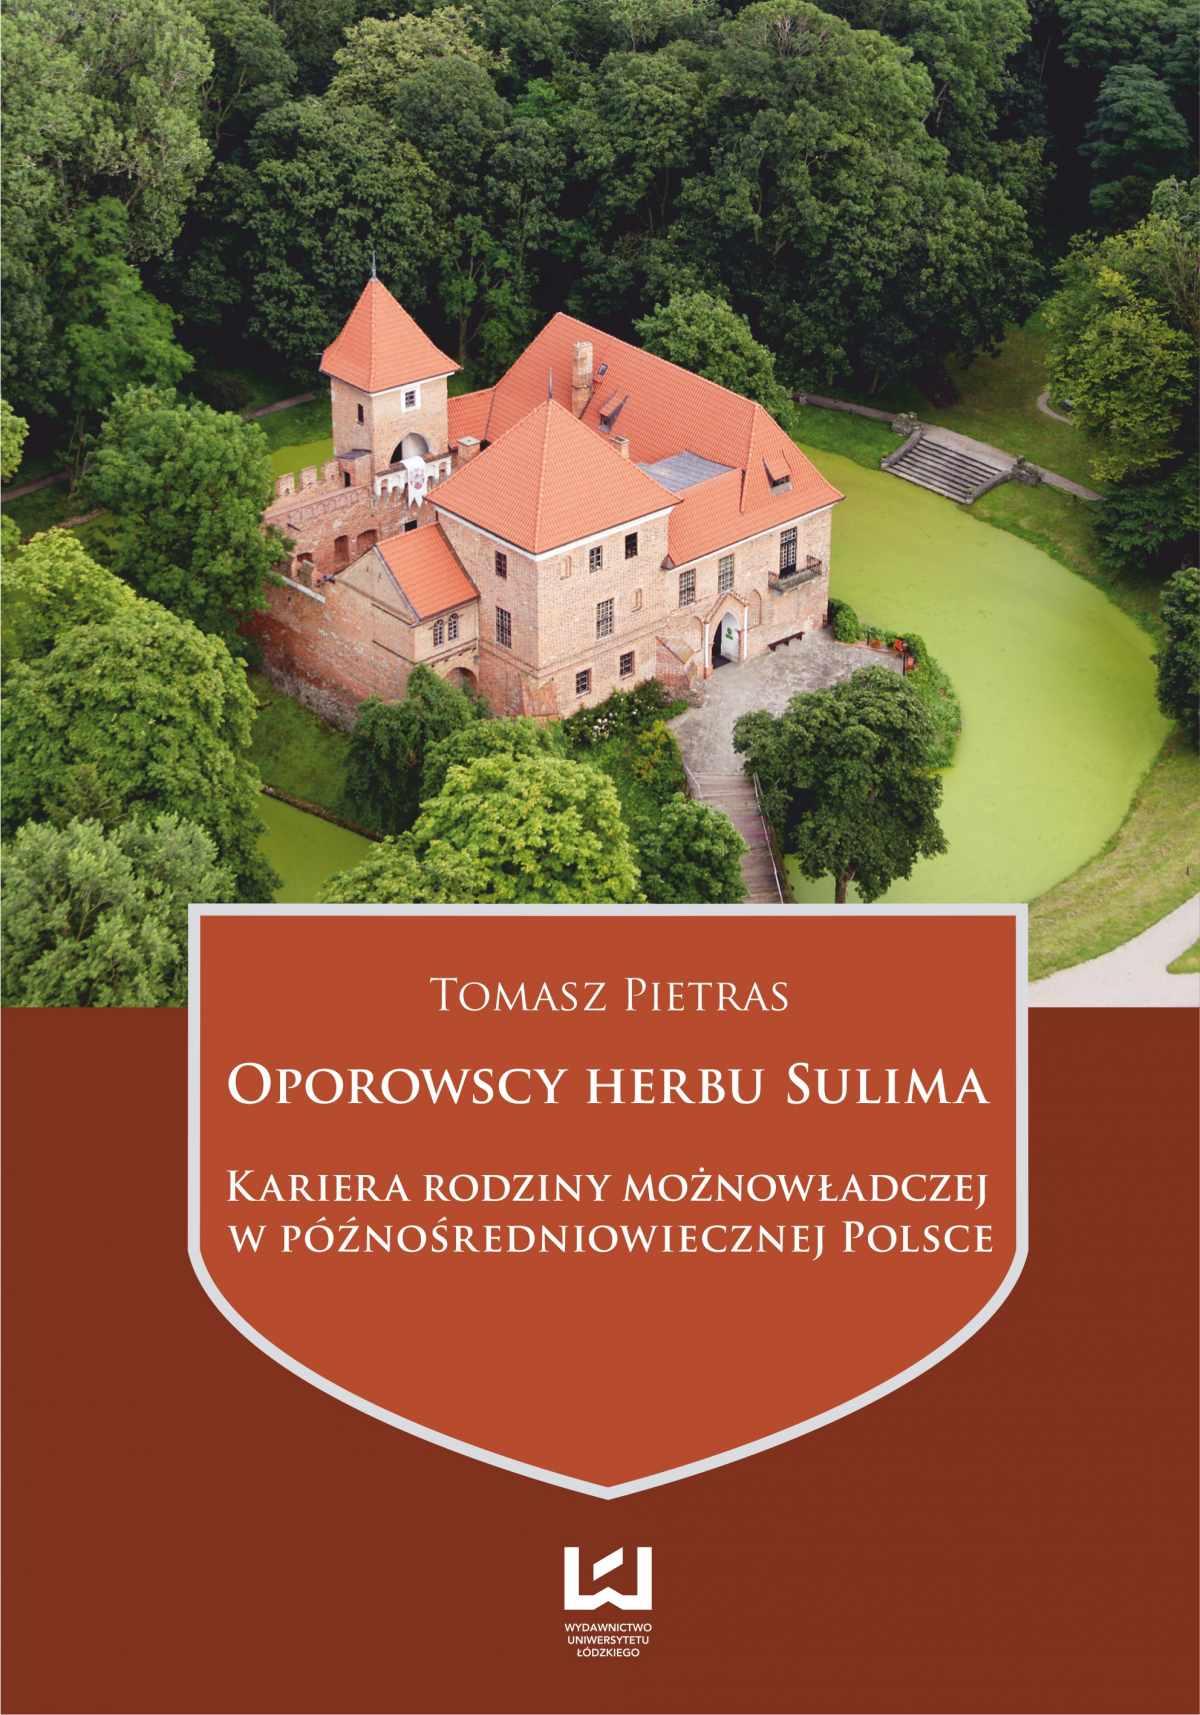 Oporowscy herbu Sulima. Kariera rodziny możnowładczej w późnośredniowiecznej Polsce - Ebook (Książka PDF) do pobrania w formacie PDF